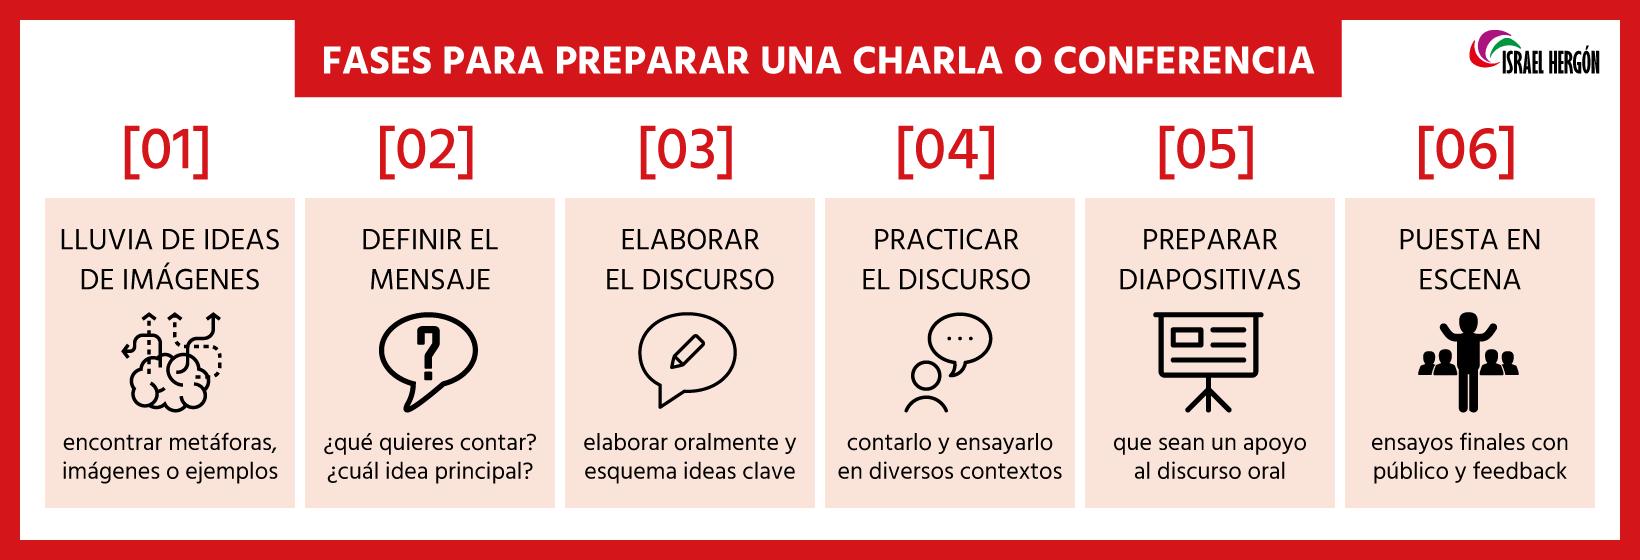 infografia-preparar-conferencia